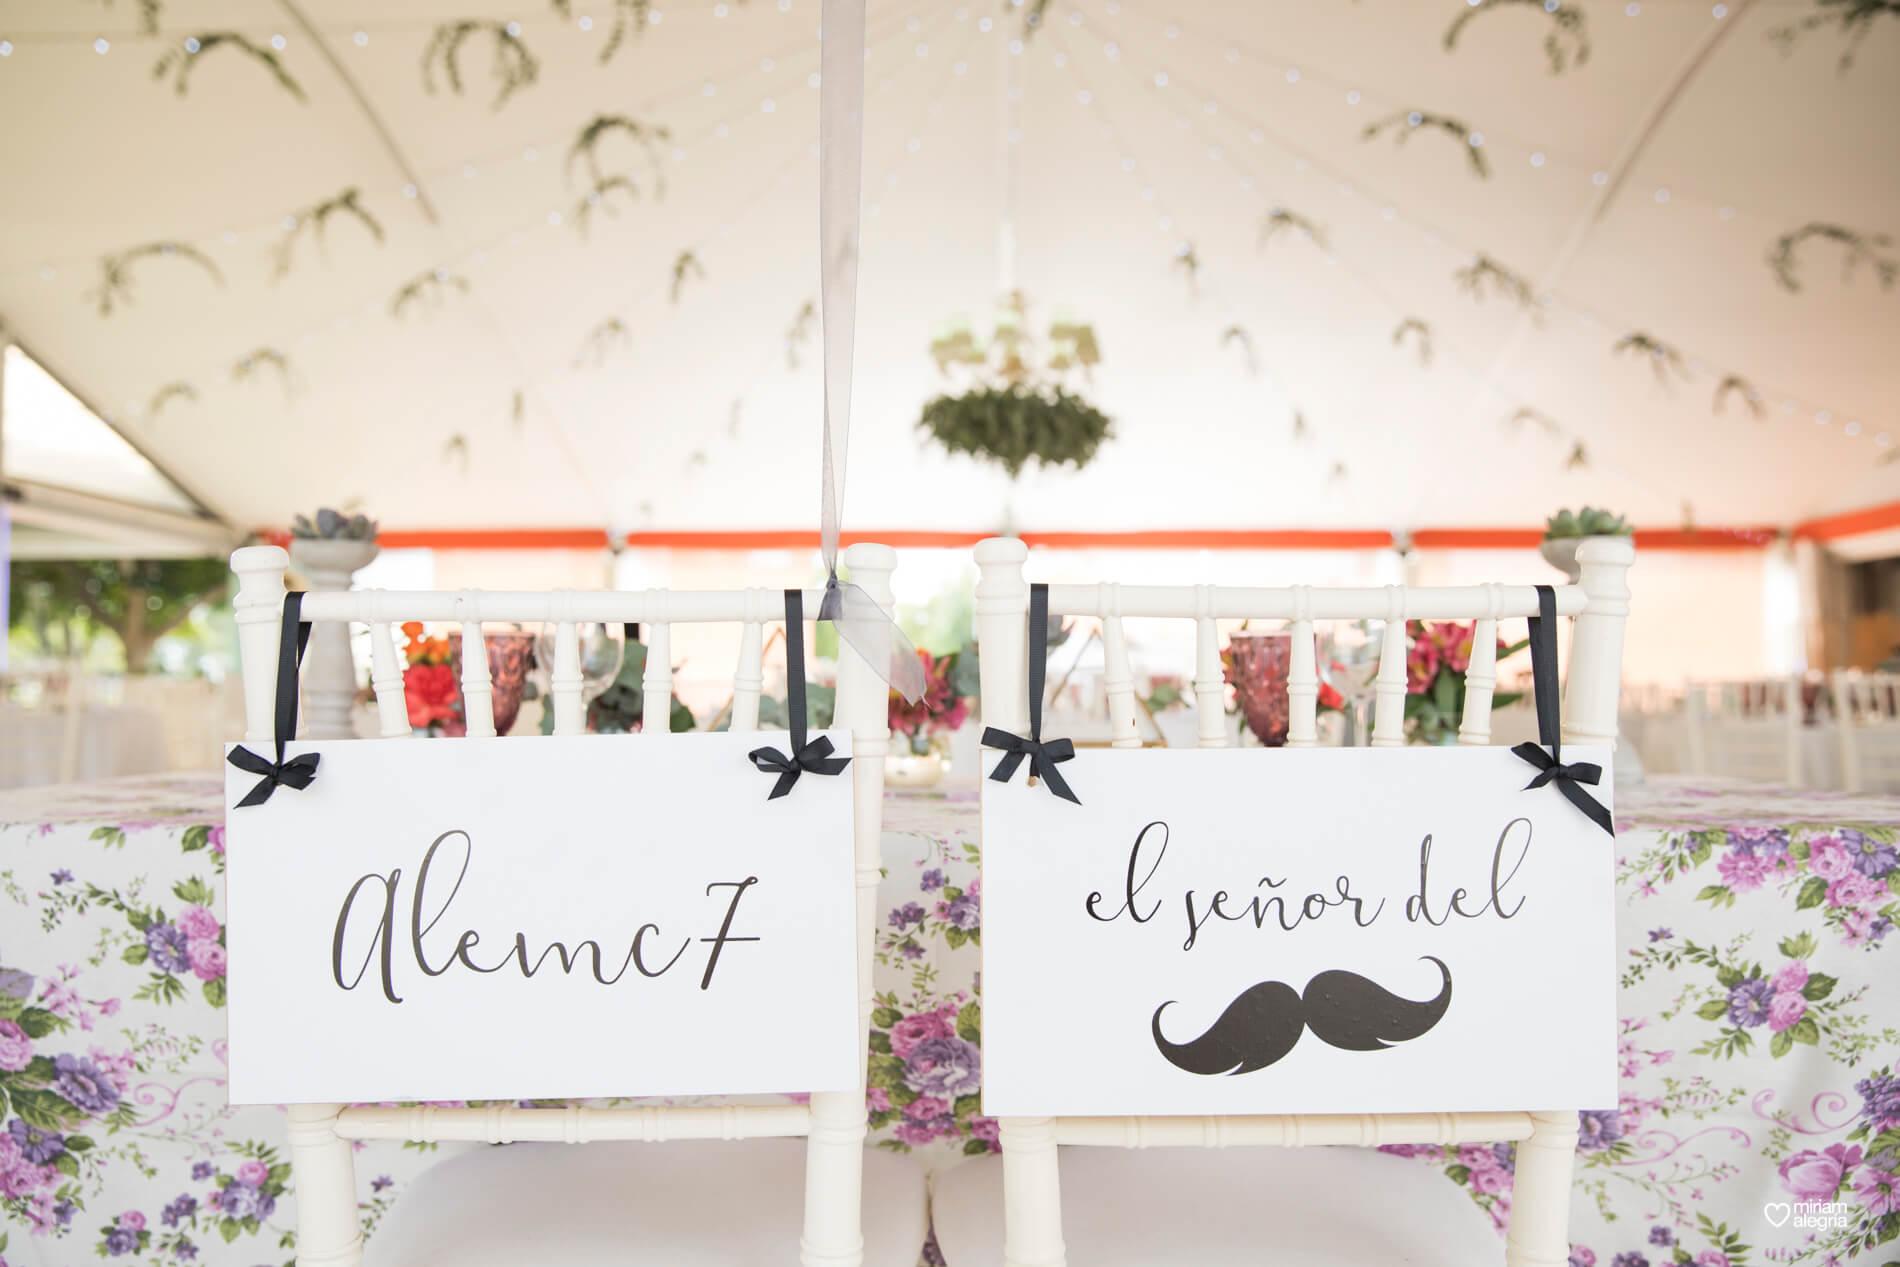 boda-en-finca-villa-vera-de-alemc7-miriam-alegria-fotografos-boda-murcia-124